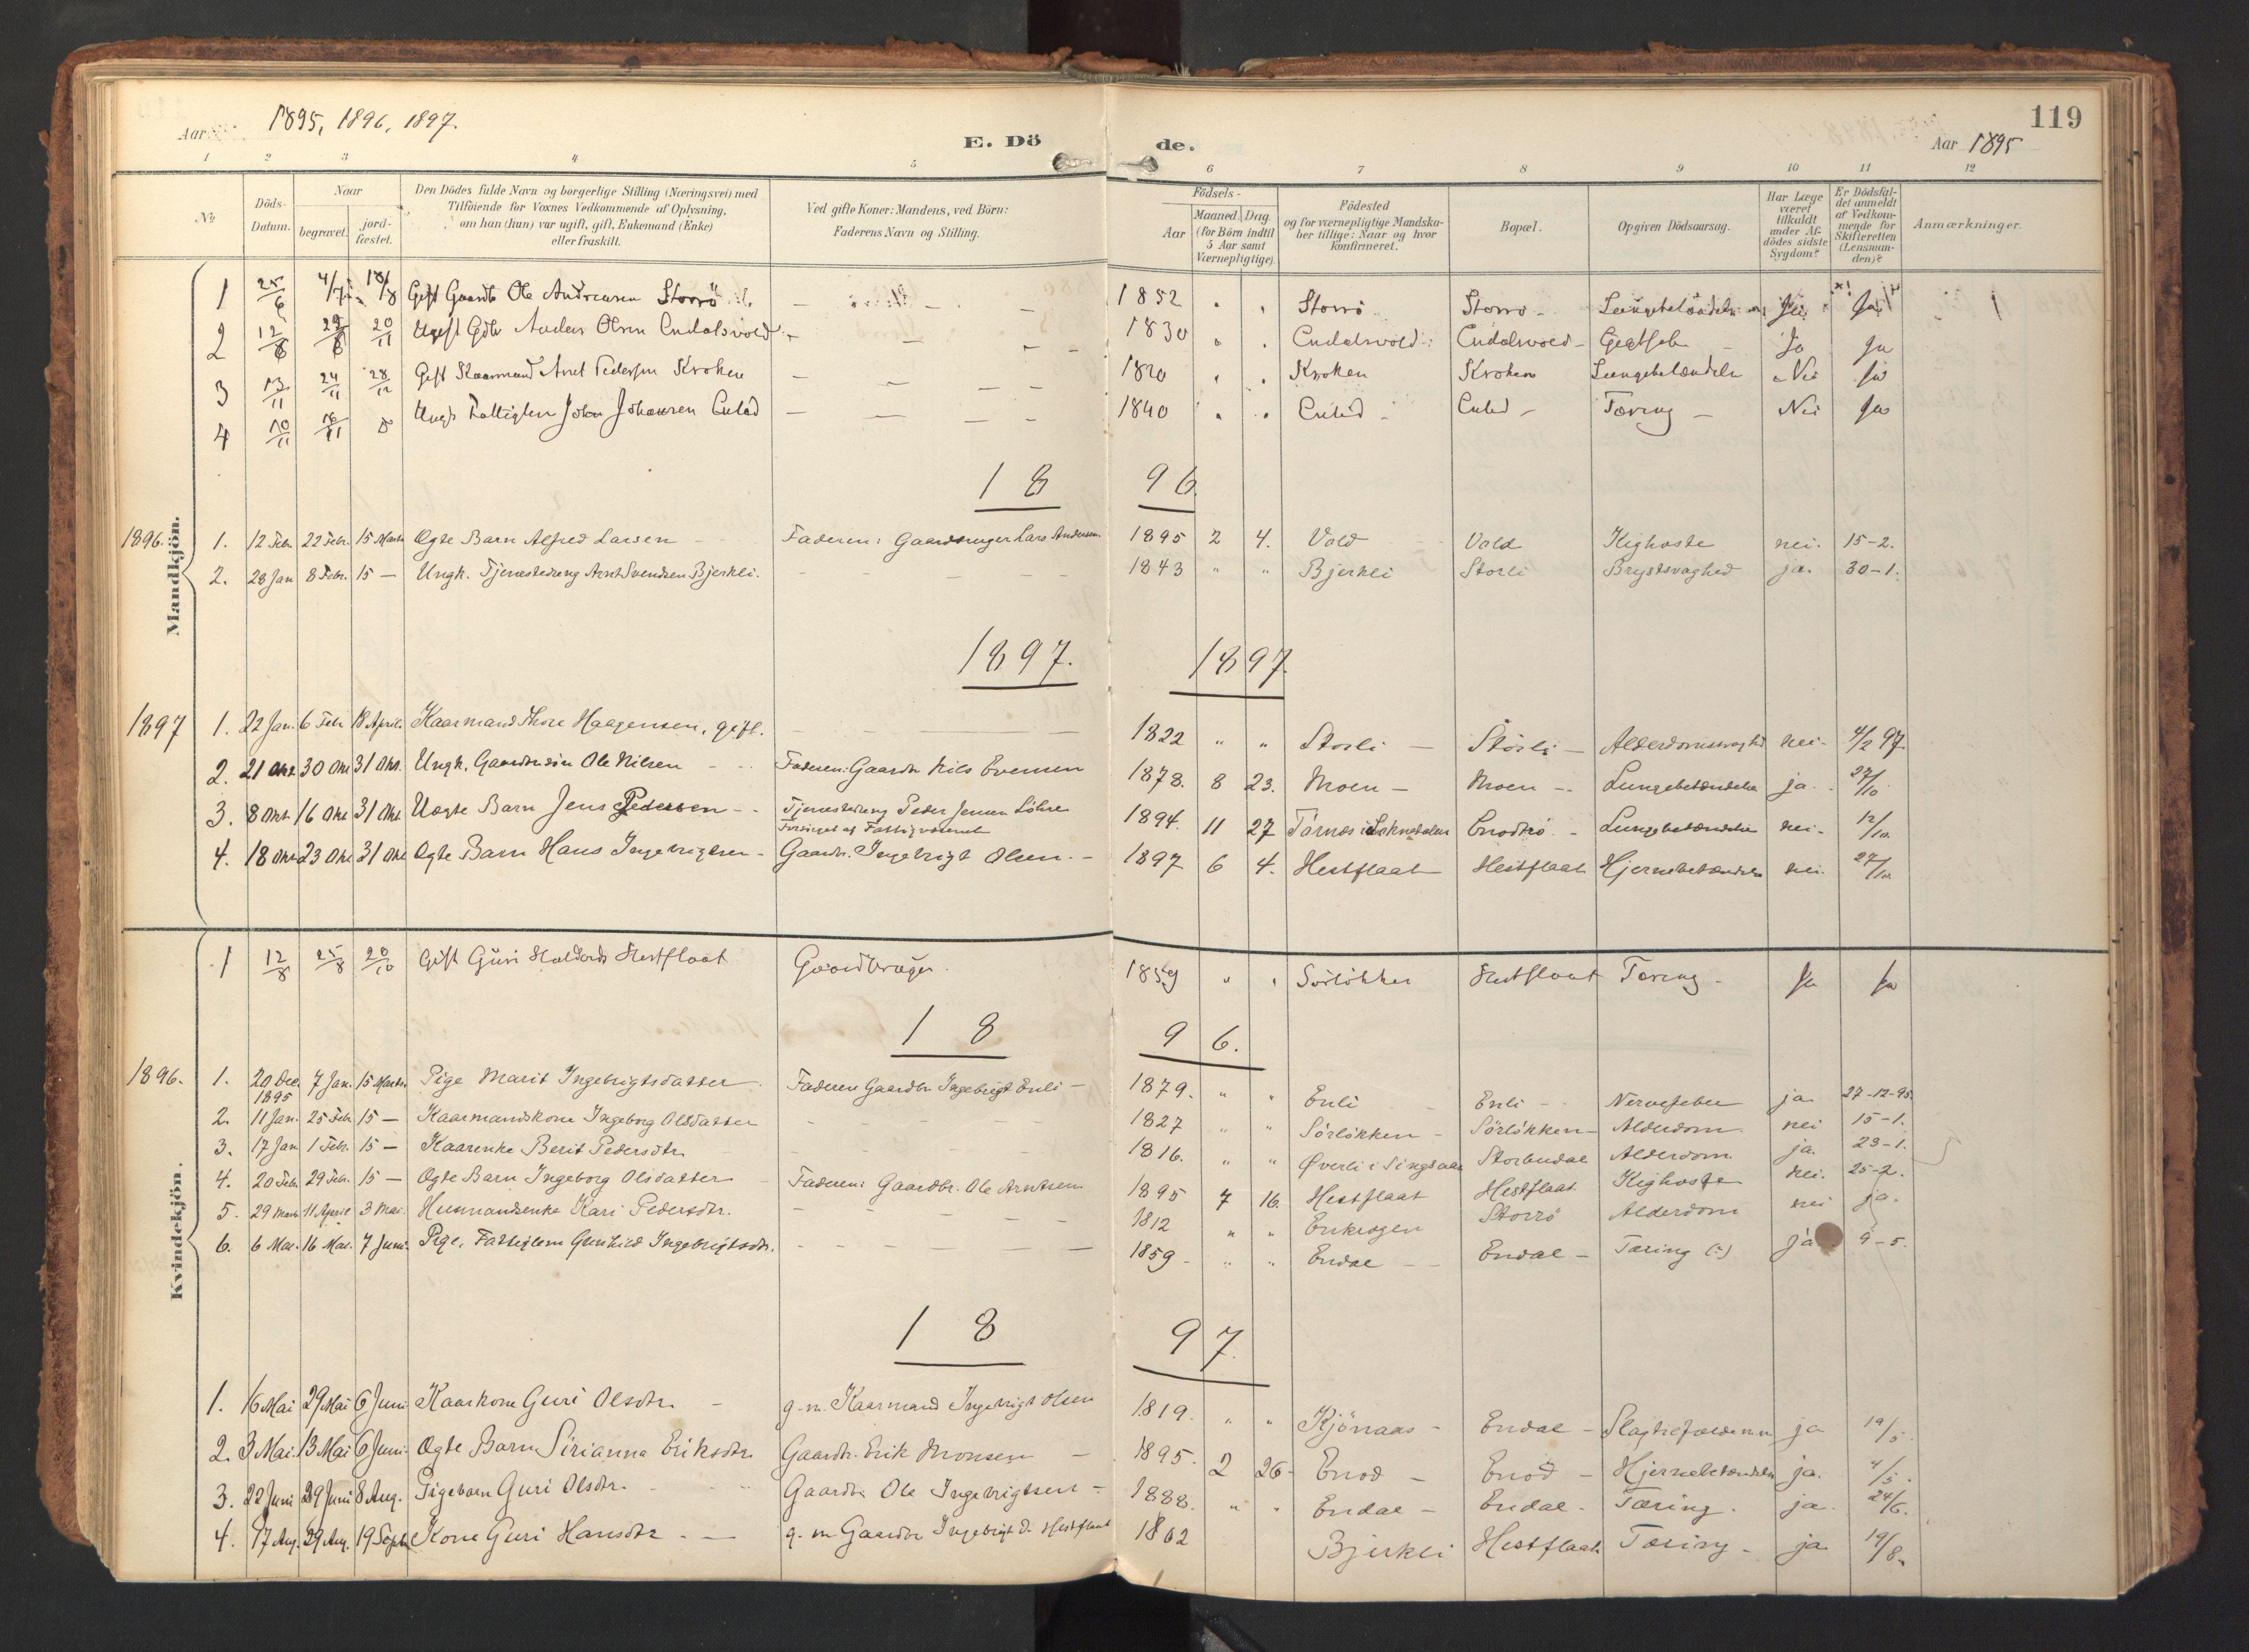 SAT, Ministerialprotokoller, klokkerbøker og fødselsregistre - Sør-Trøndelag, 690/L1050: Ministerialbok nr. 690A01, 1889-1929, s. 119